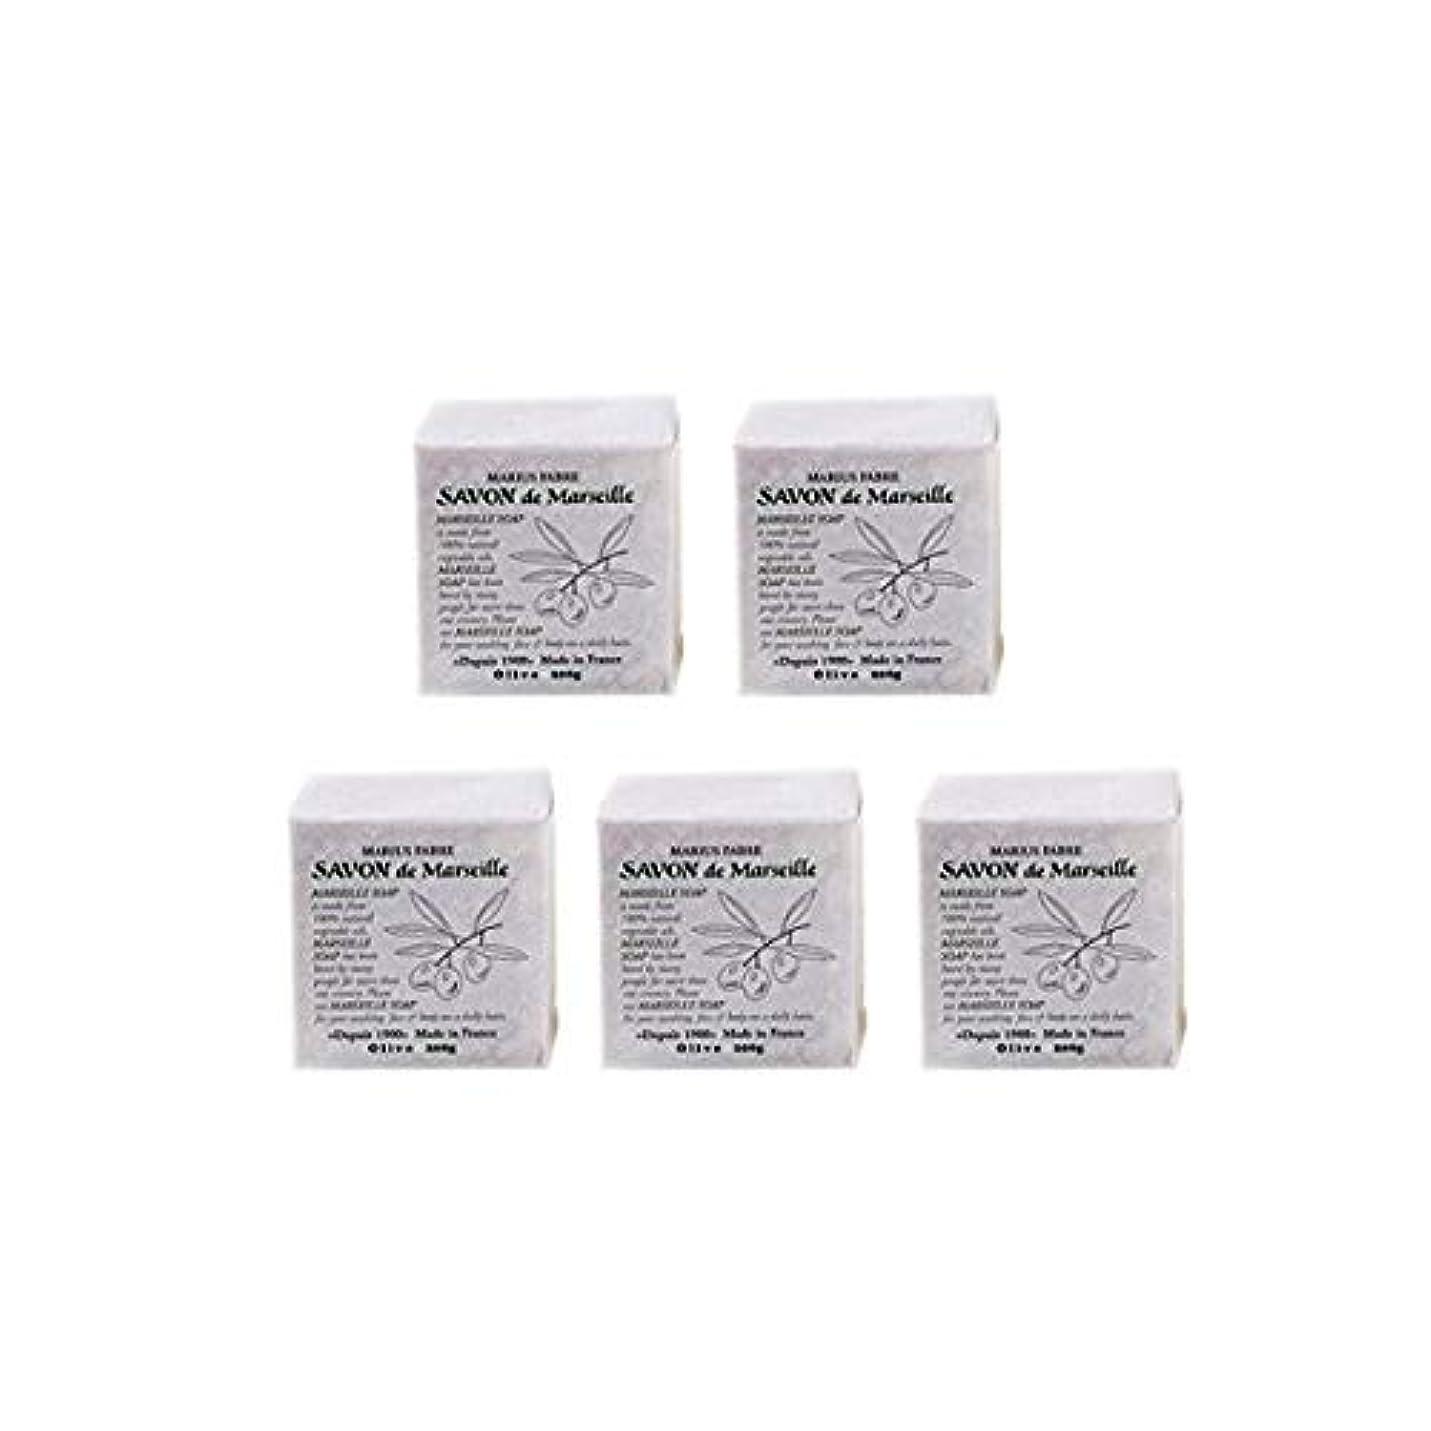 にんじんさらに人工的なマリウスファーブルサボンドマルセイユ無香料オリーブN(無香料)5個セット(200g×5個)マリウスファーブルのマルセイユ石鹸 無香料